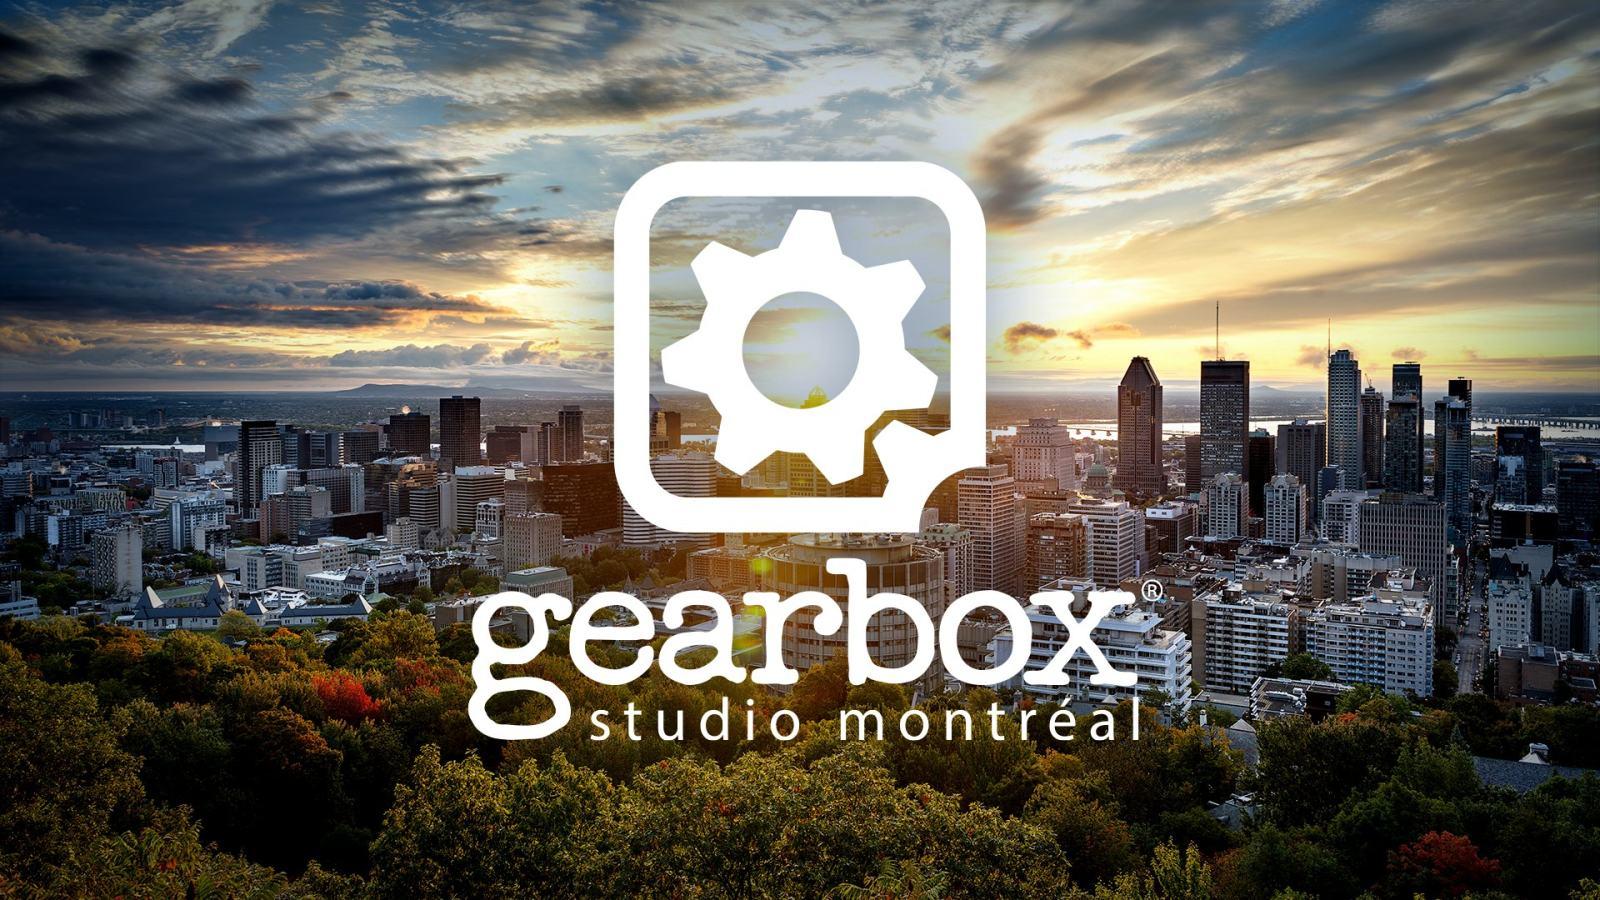 Gearbox成立蒙特利尔工作室,新工作室将致力于《无主之地》系列和新IP的开发